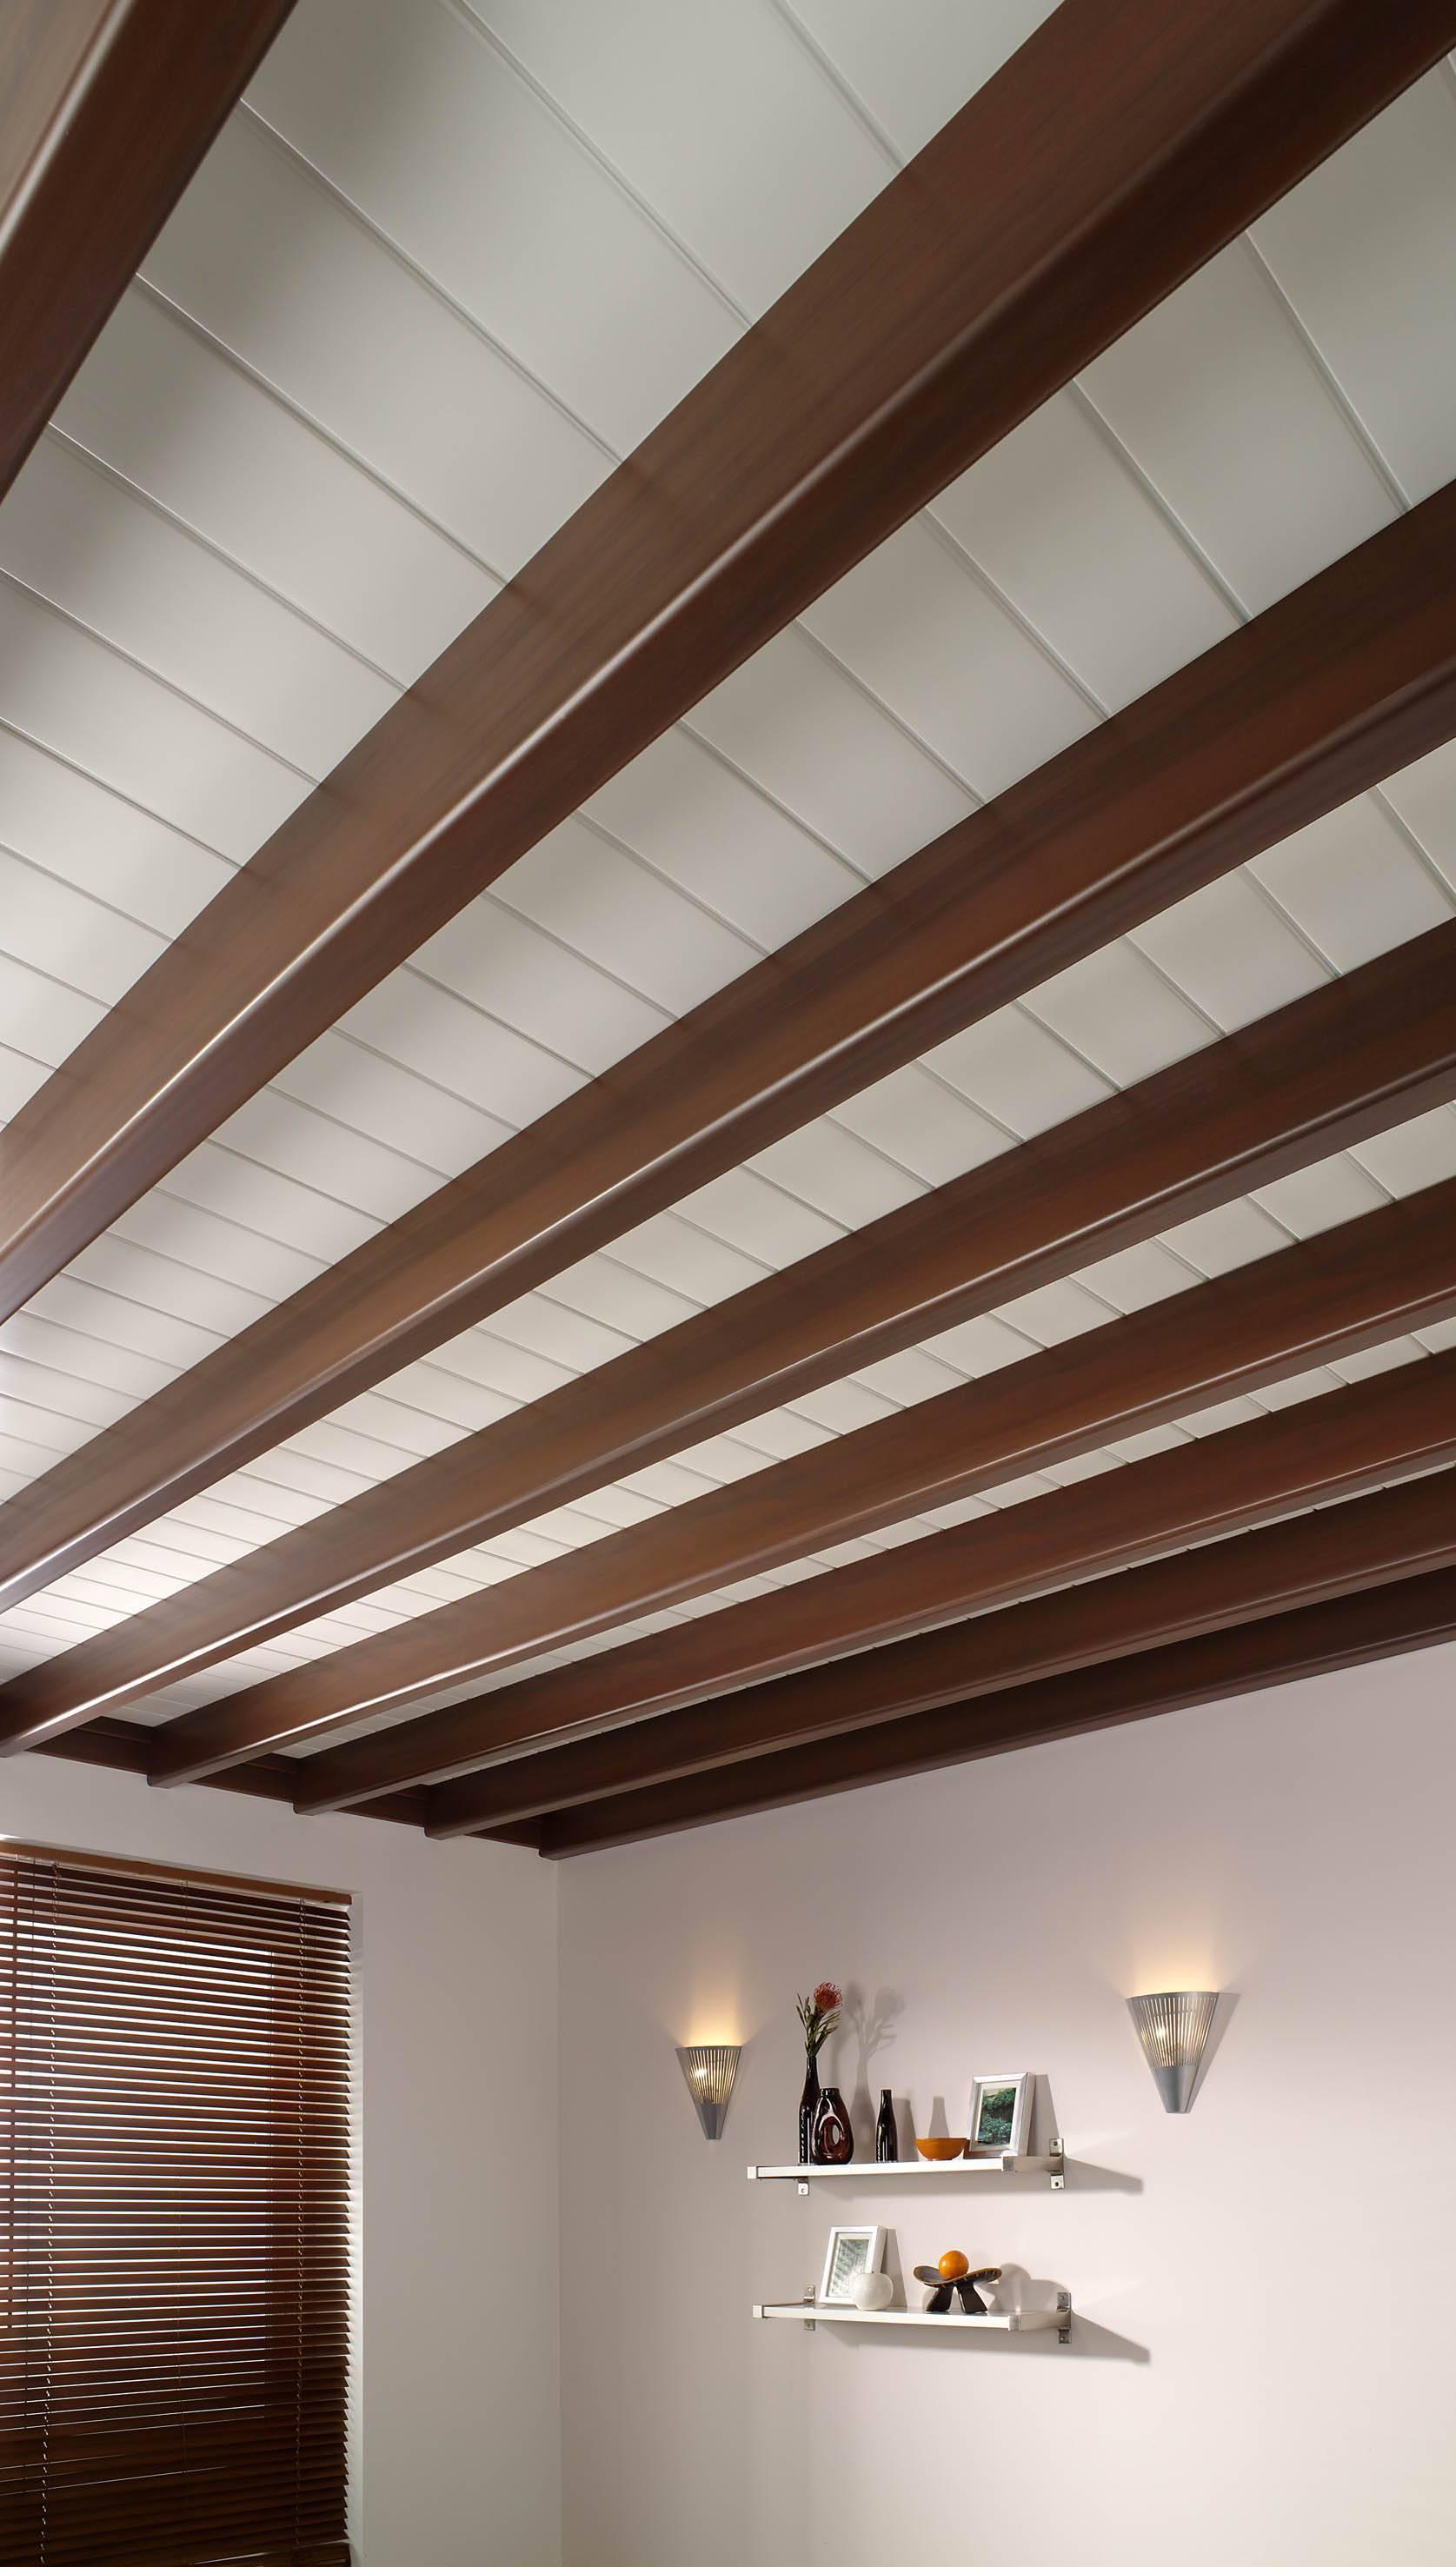 forro de pvc com suporte de madeira